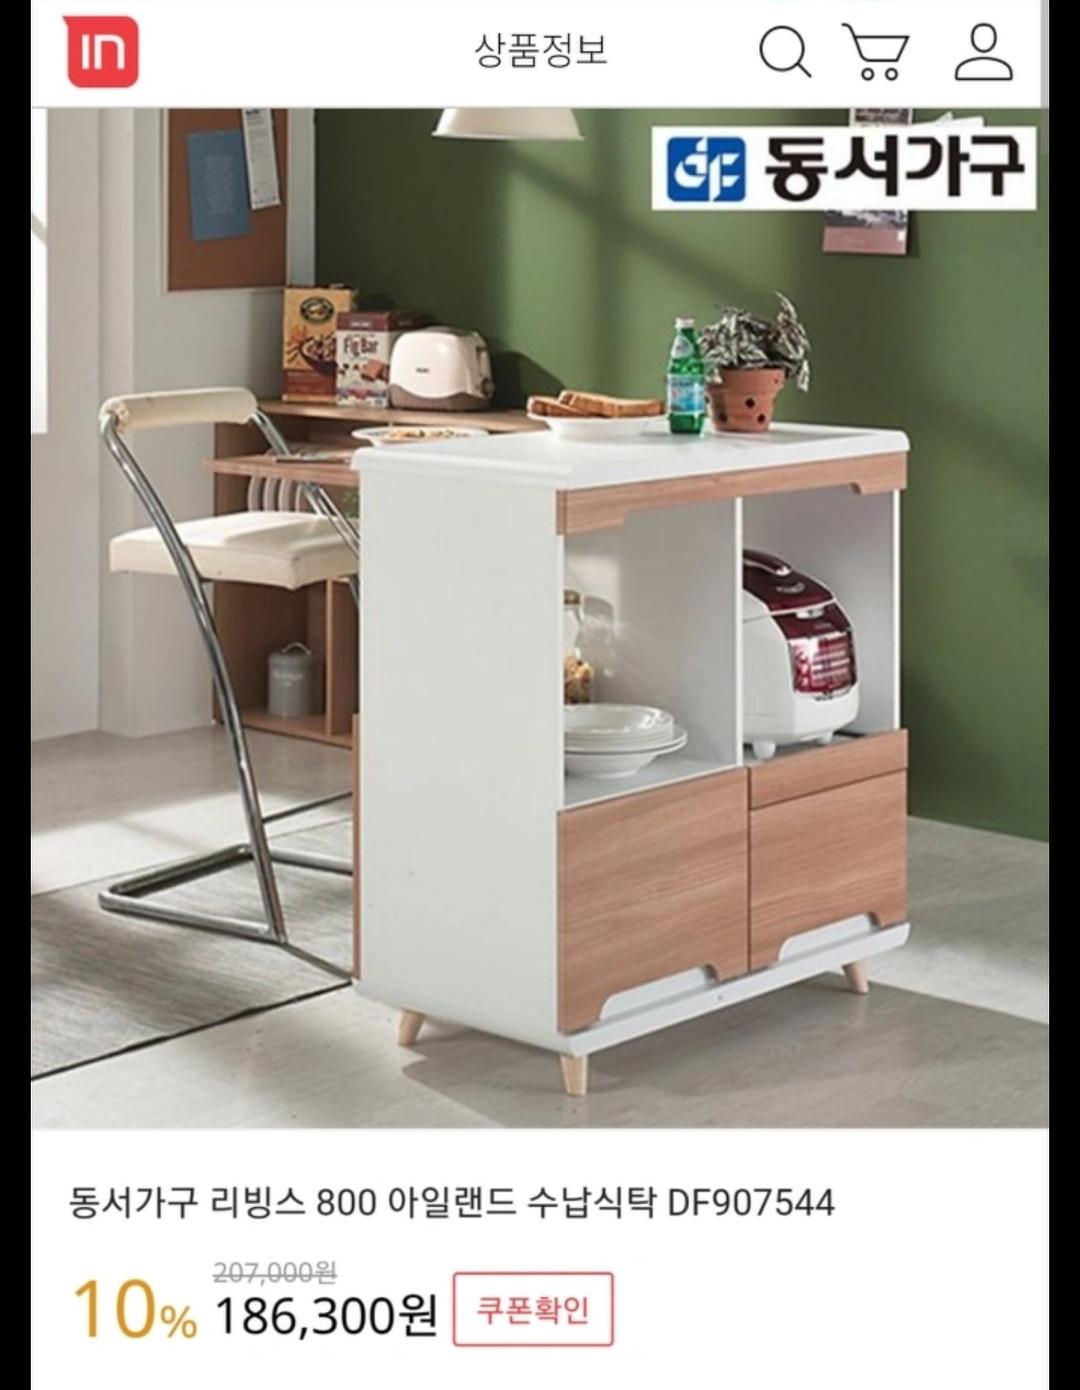 [새상품] 동서가구 식탁 렌지대~♡